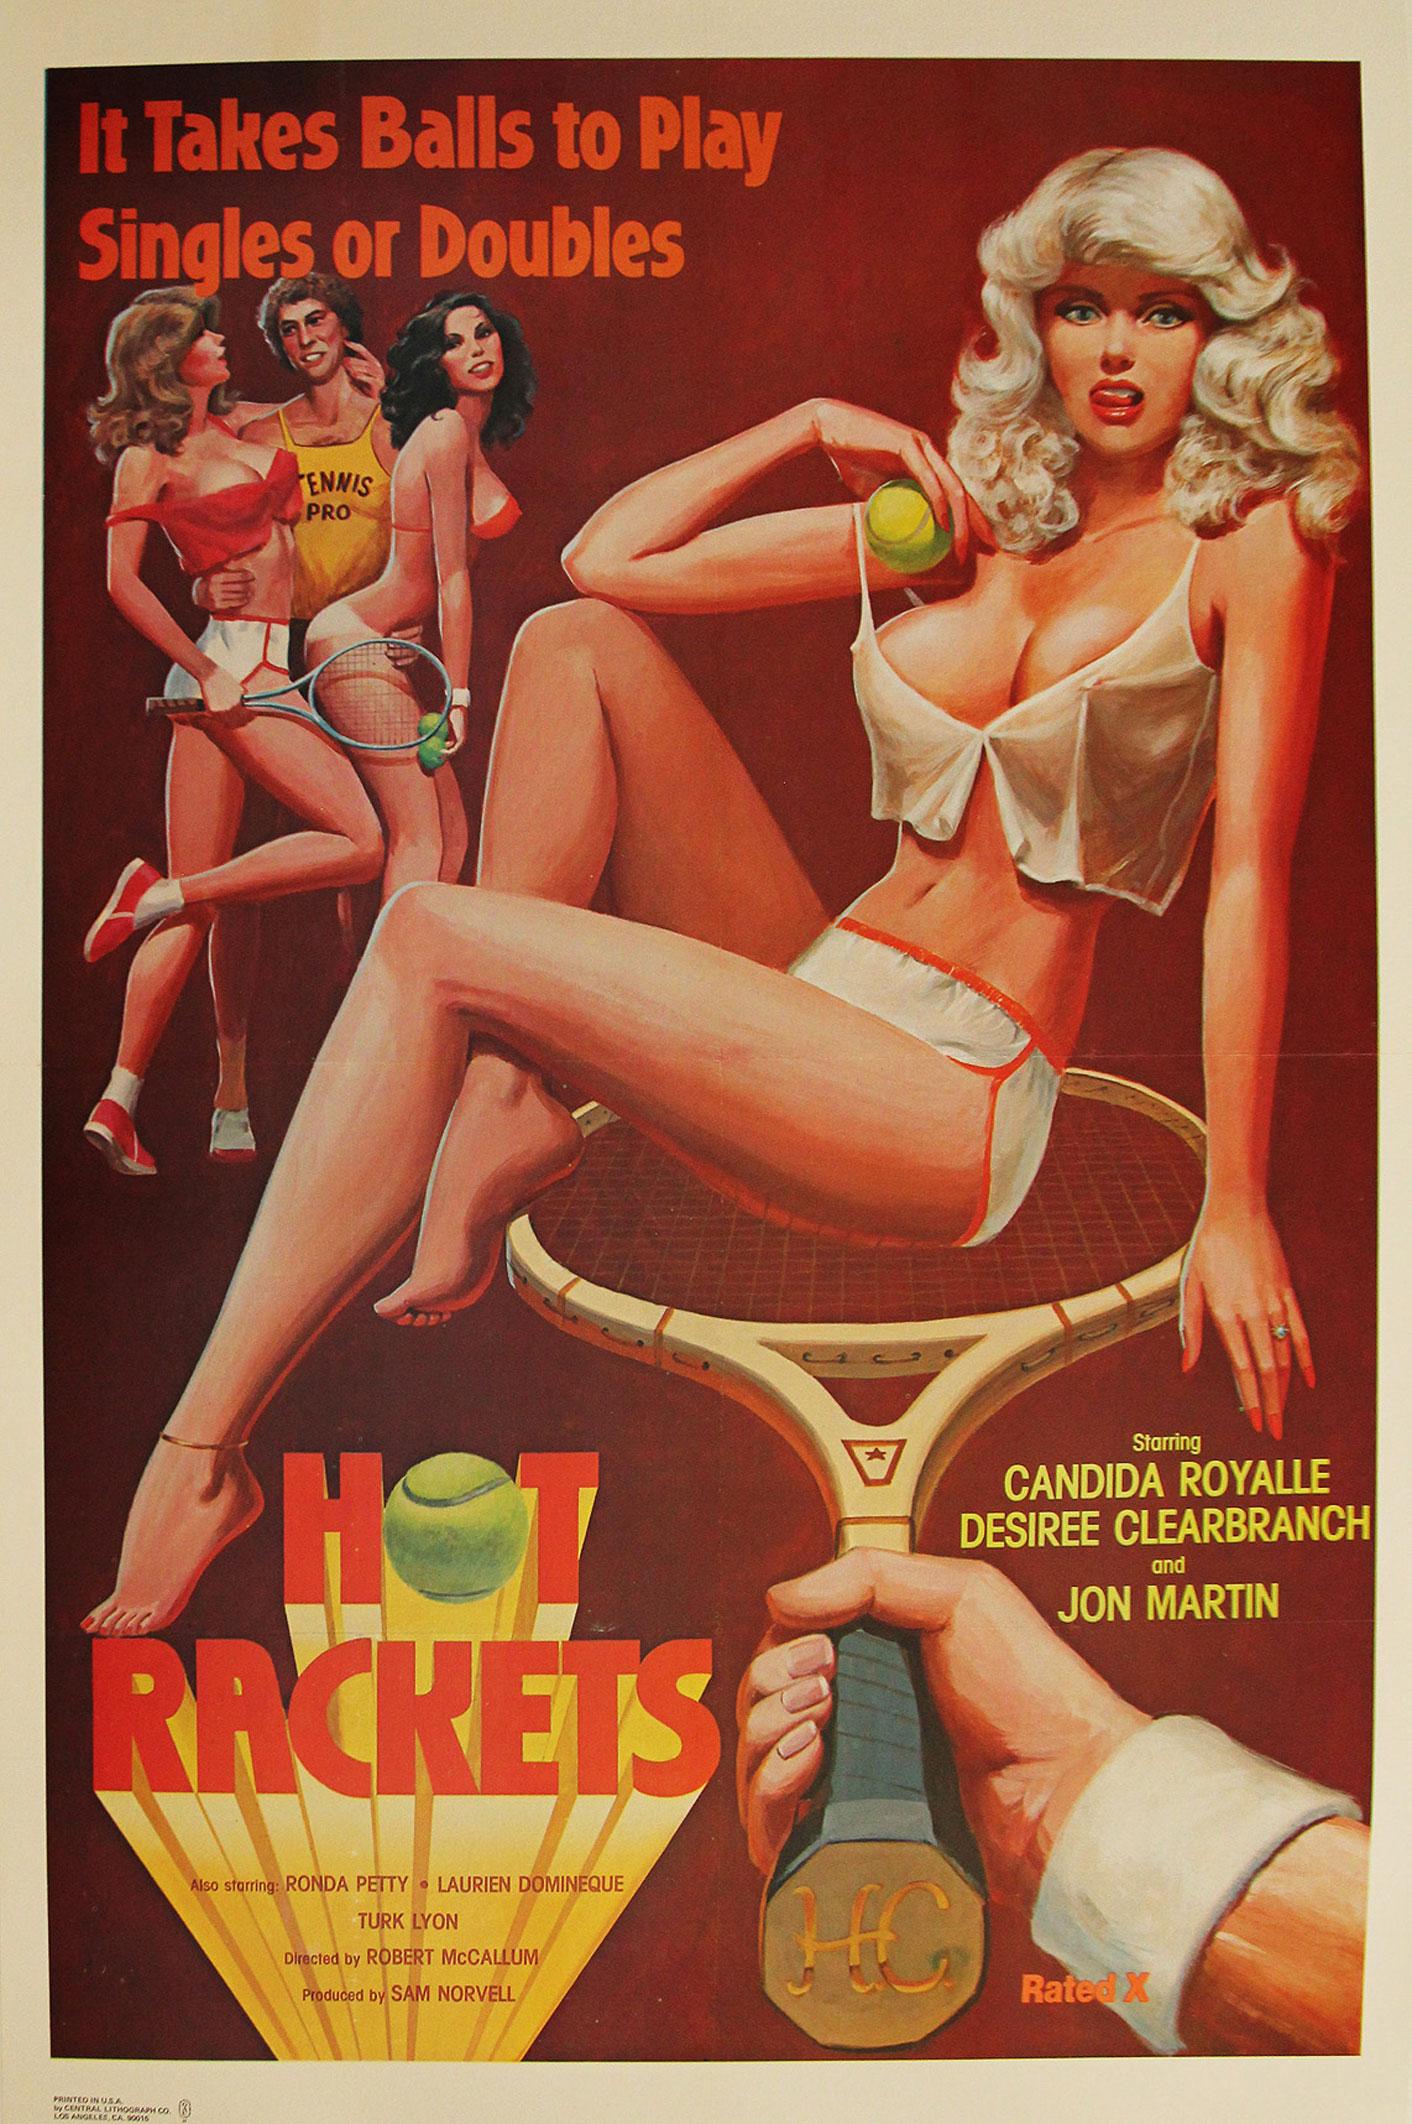 Roomates vintage adult movie